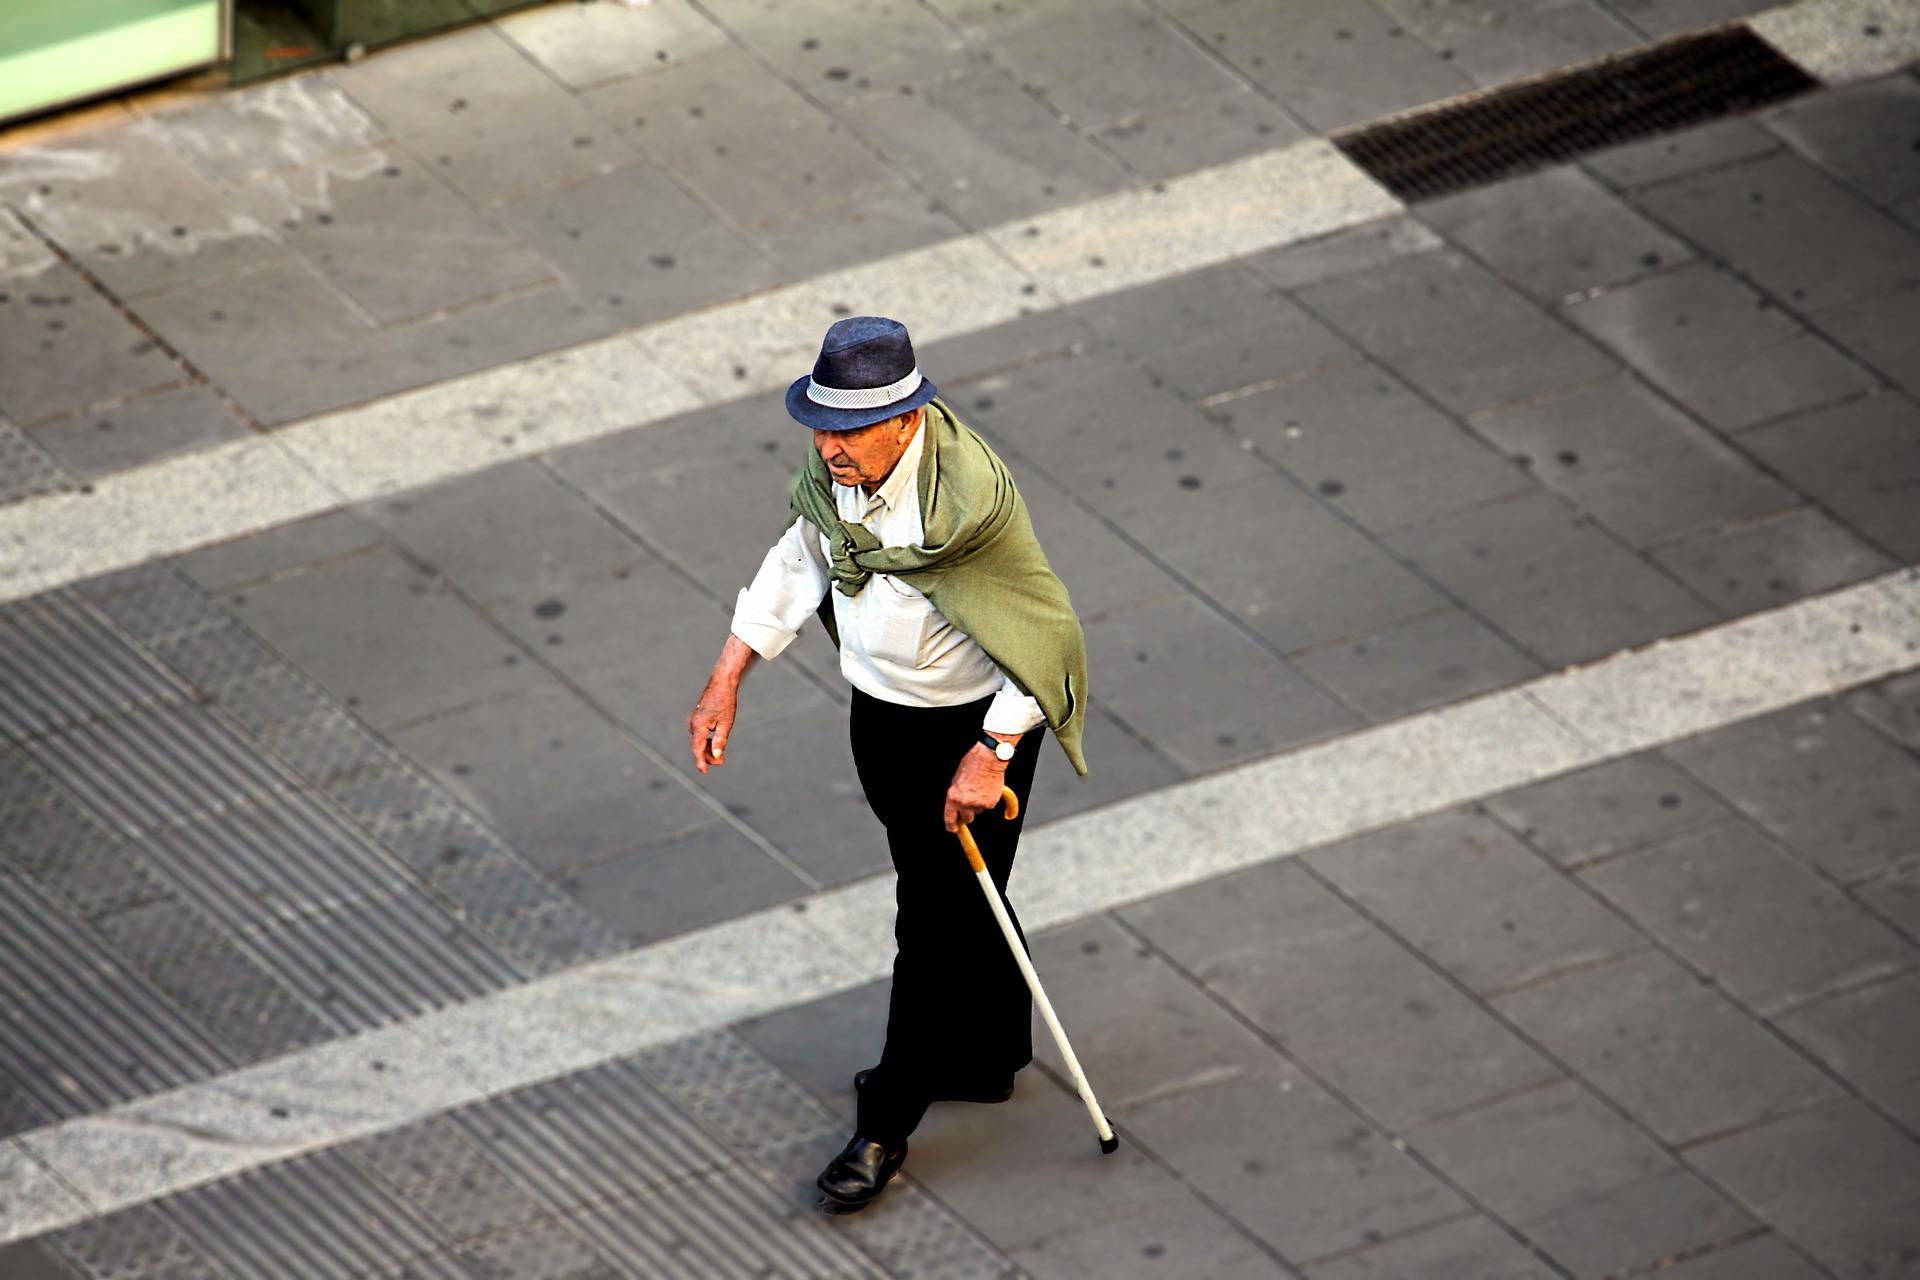 INE: Adultos mayores en Chile: ¿Cuántos hay? ¿Dónde viven? ¿Y en qué trabajan?